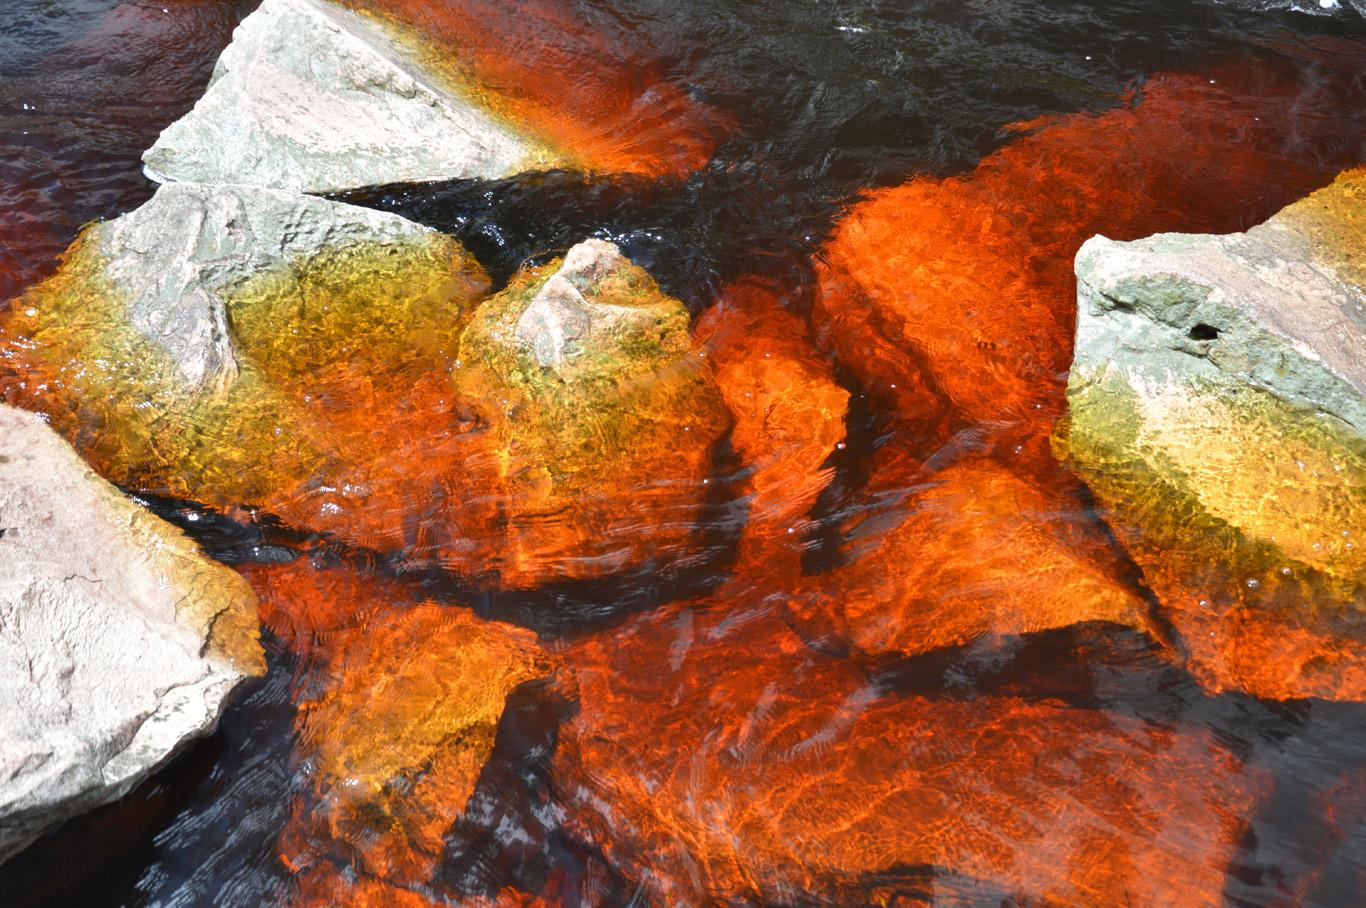 Dark red color of Mucugezinho river